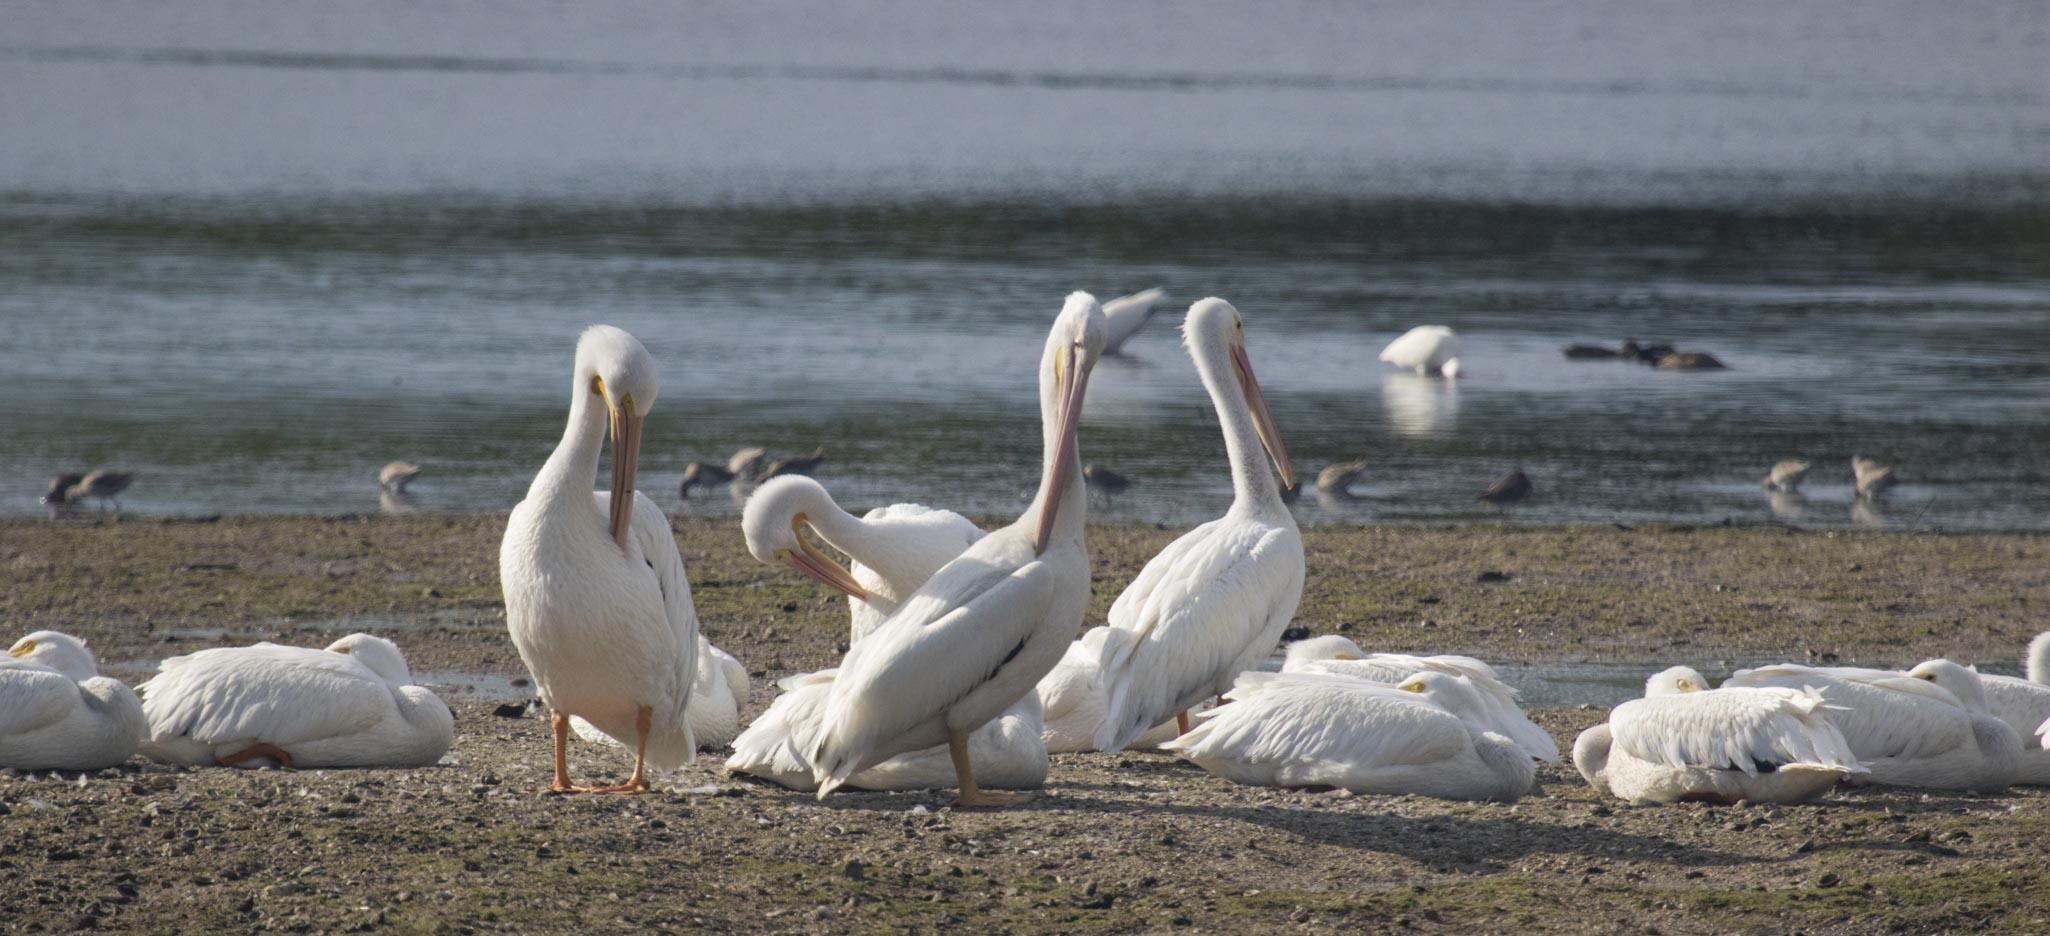 1128 Pelican 2 (1 of 1)